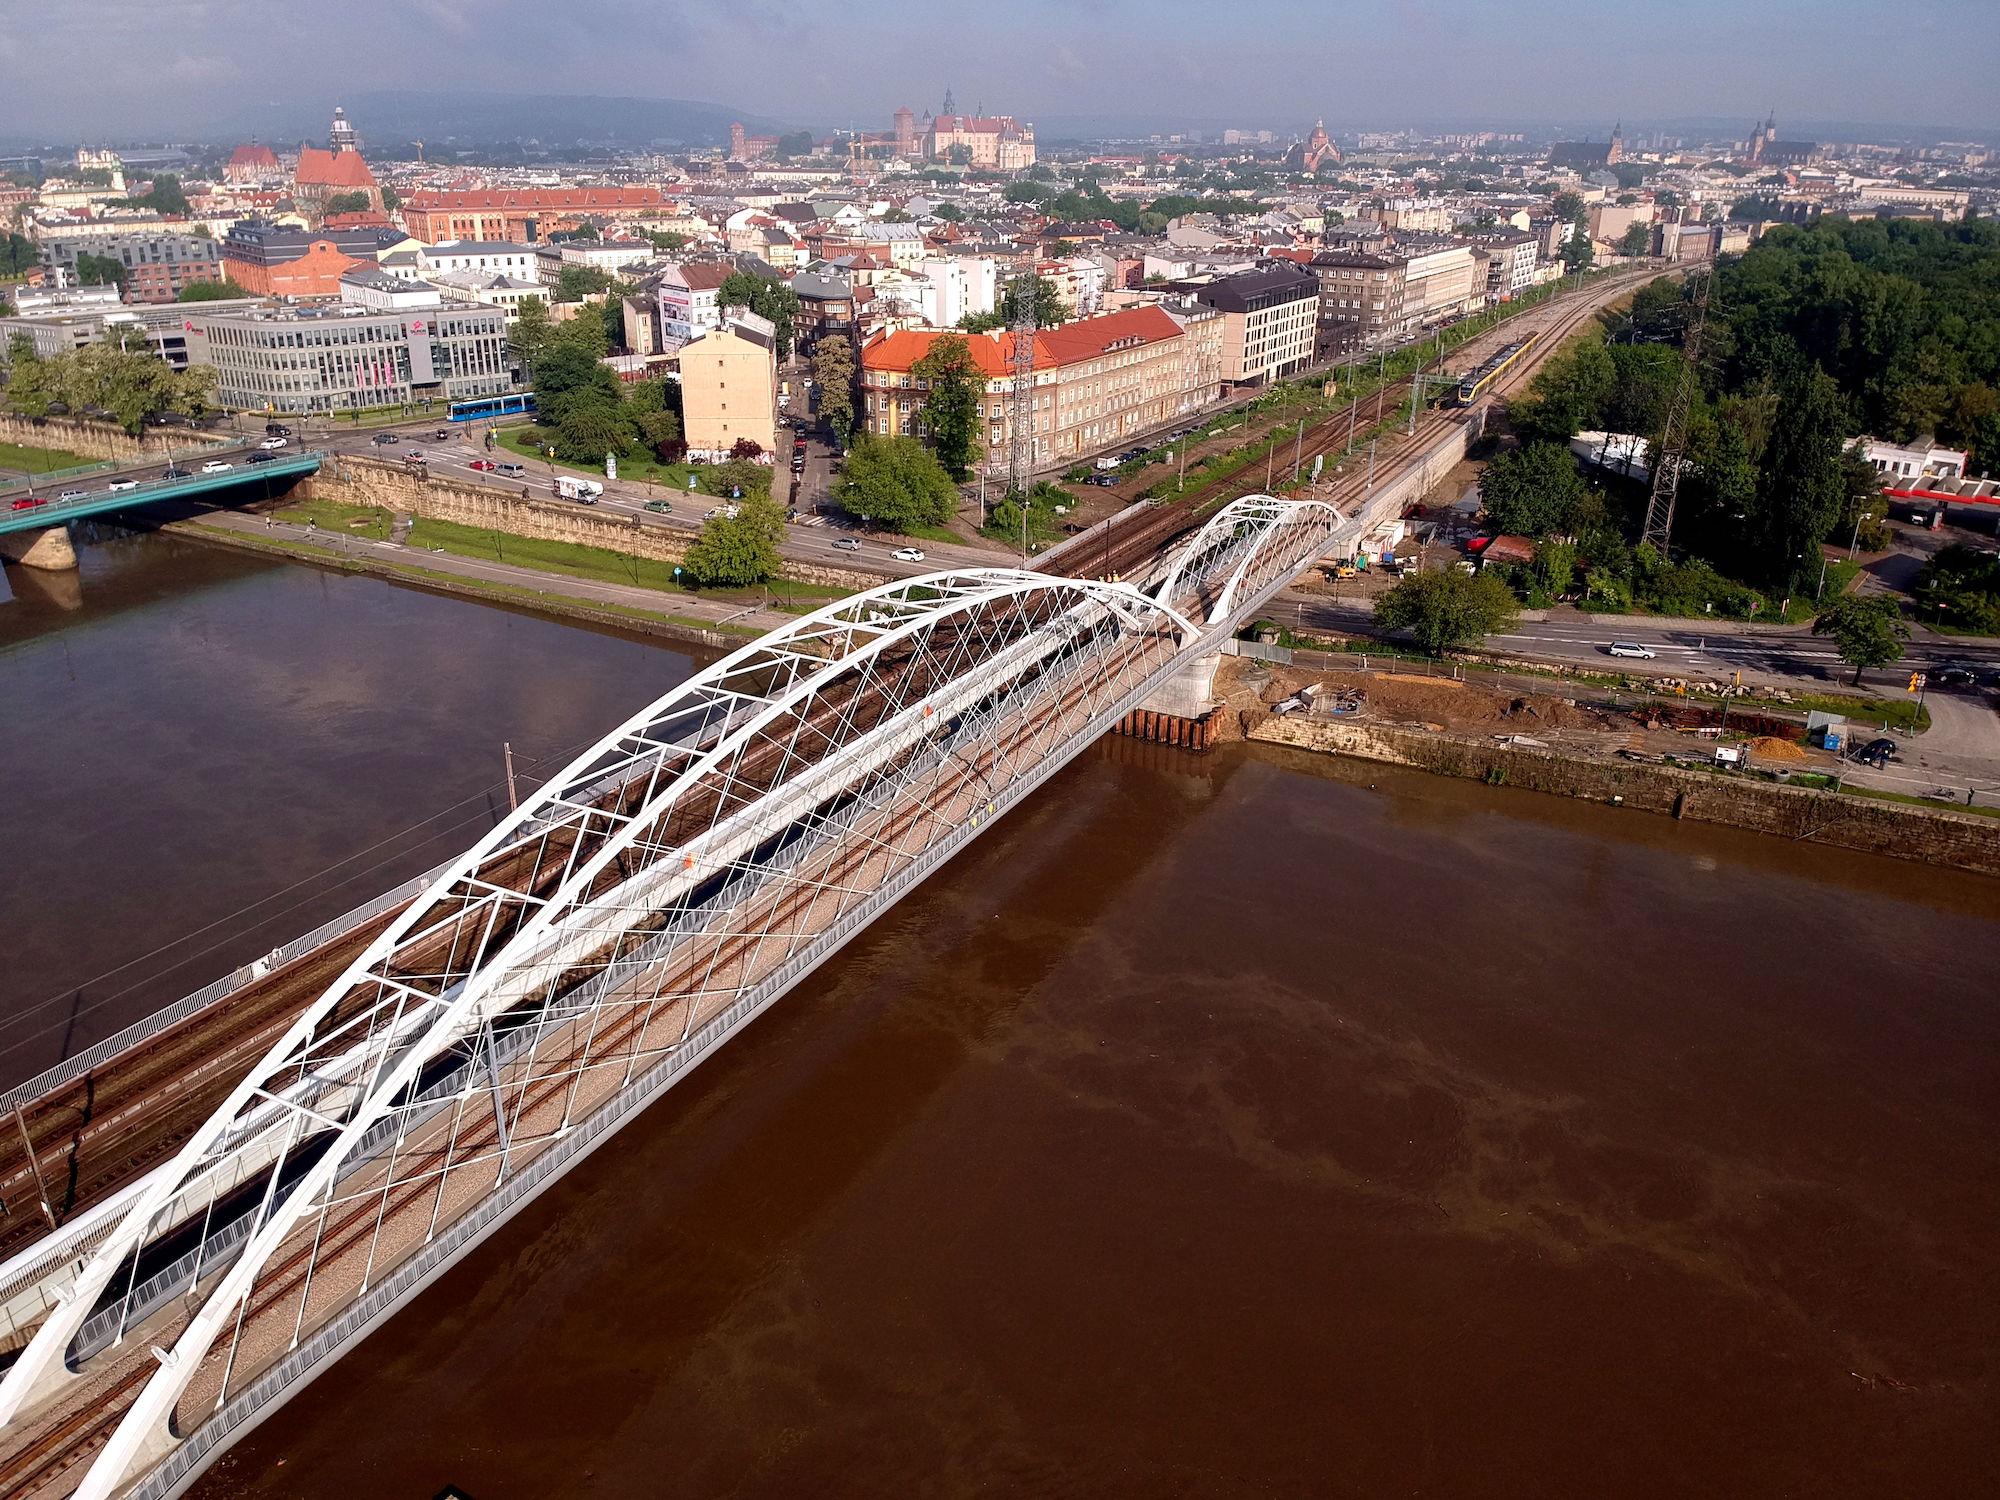 Zdjęcie gotowego nowego mostu kolejowego na Wiśle w Krakowie.